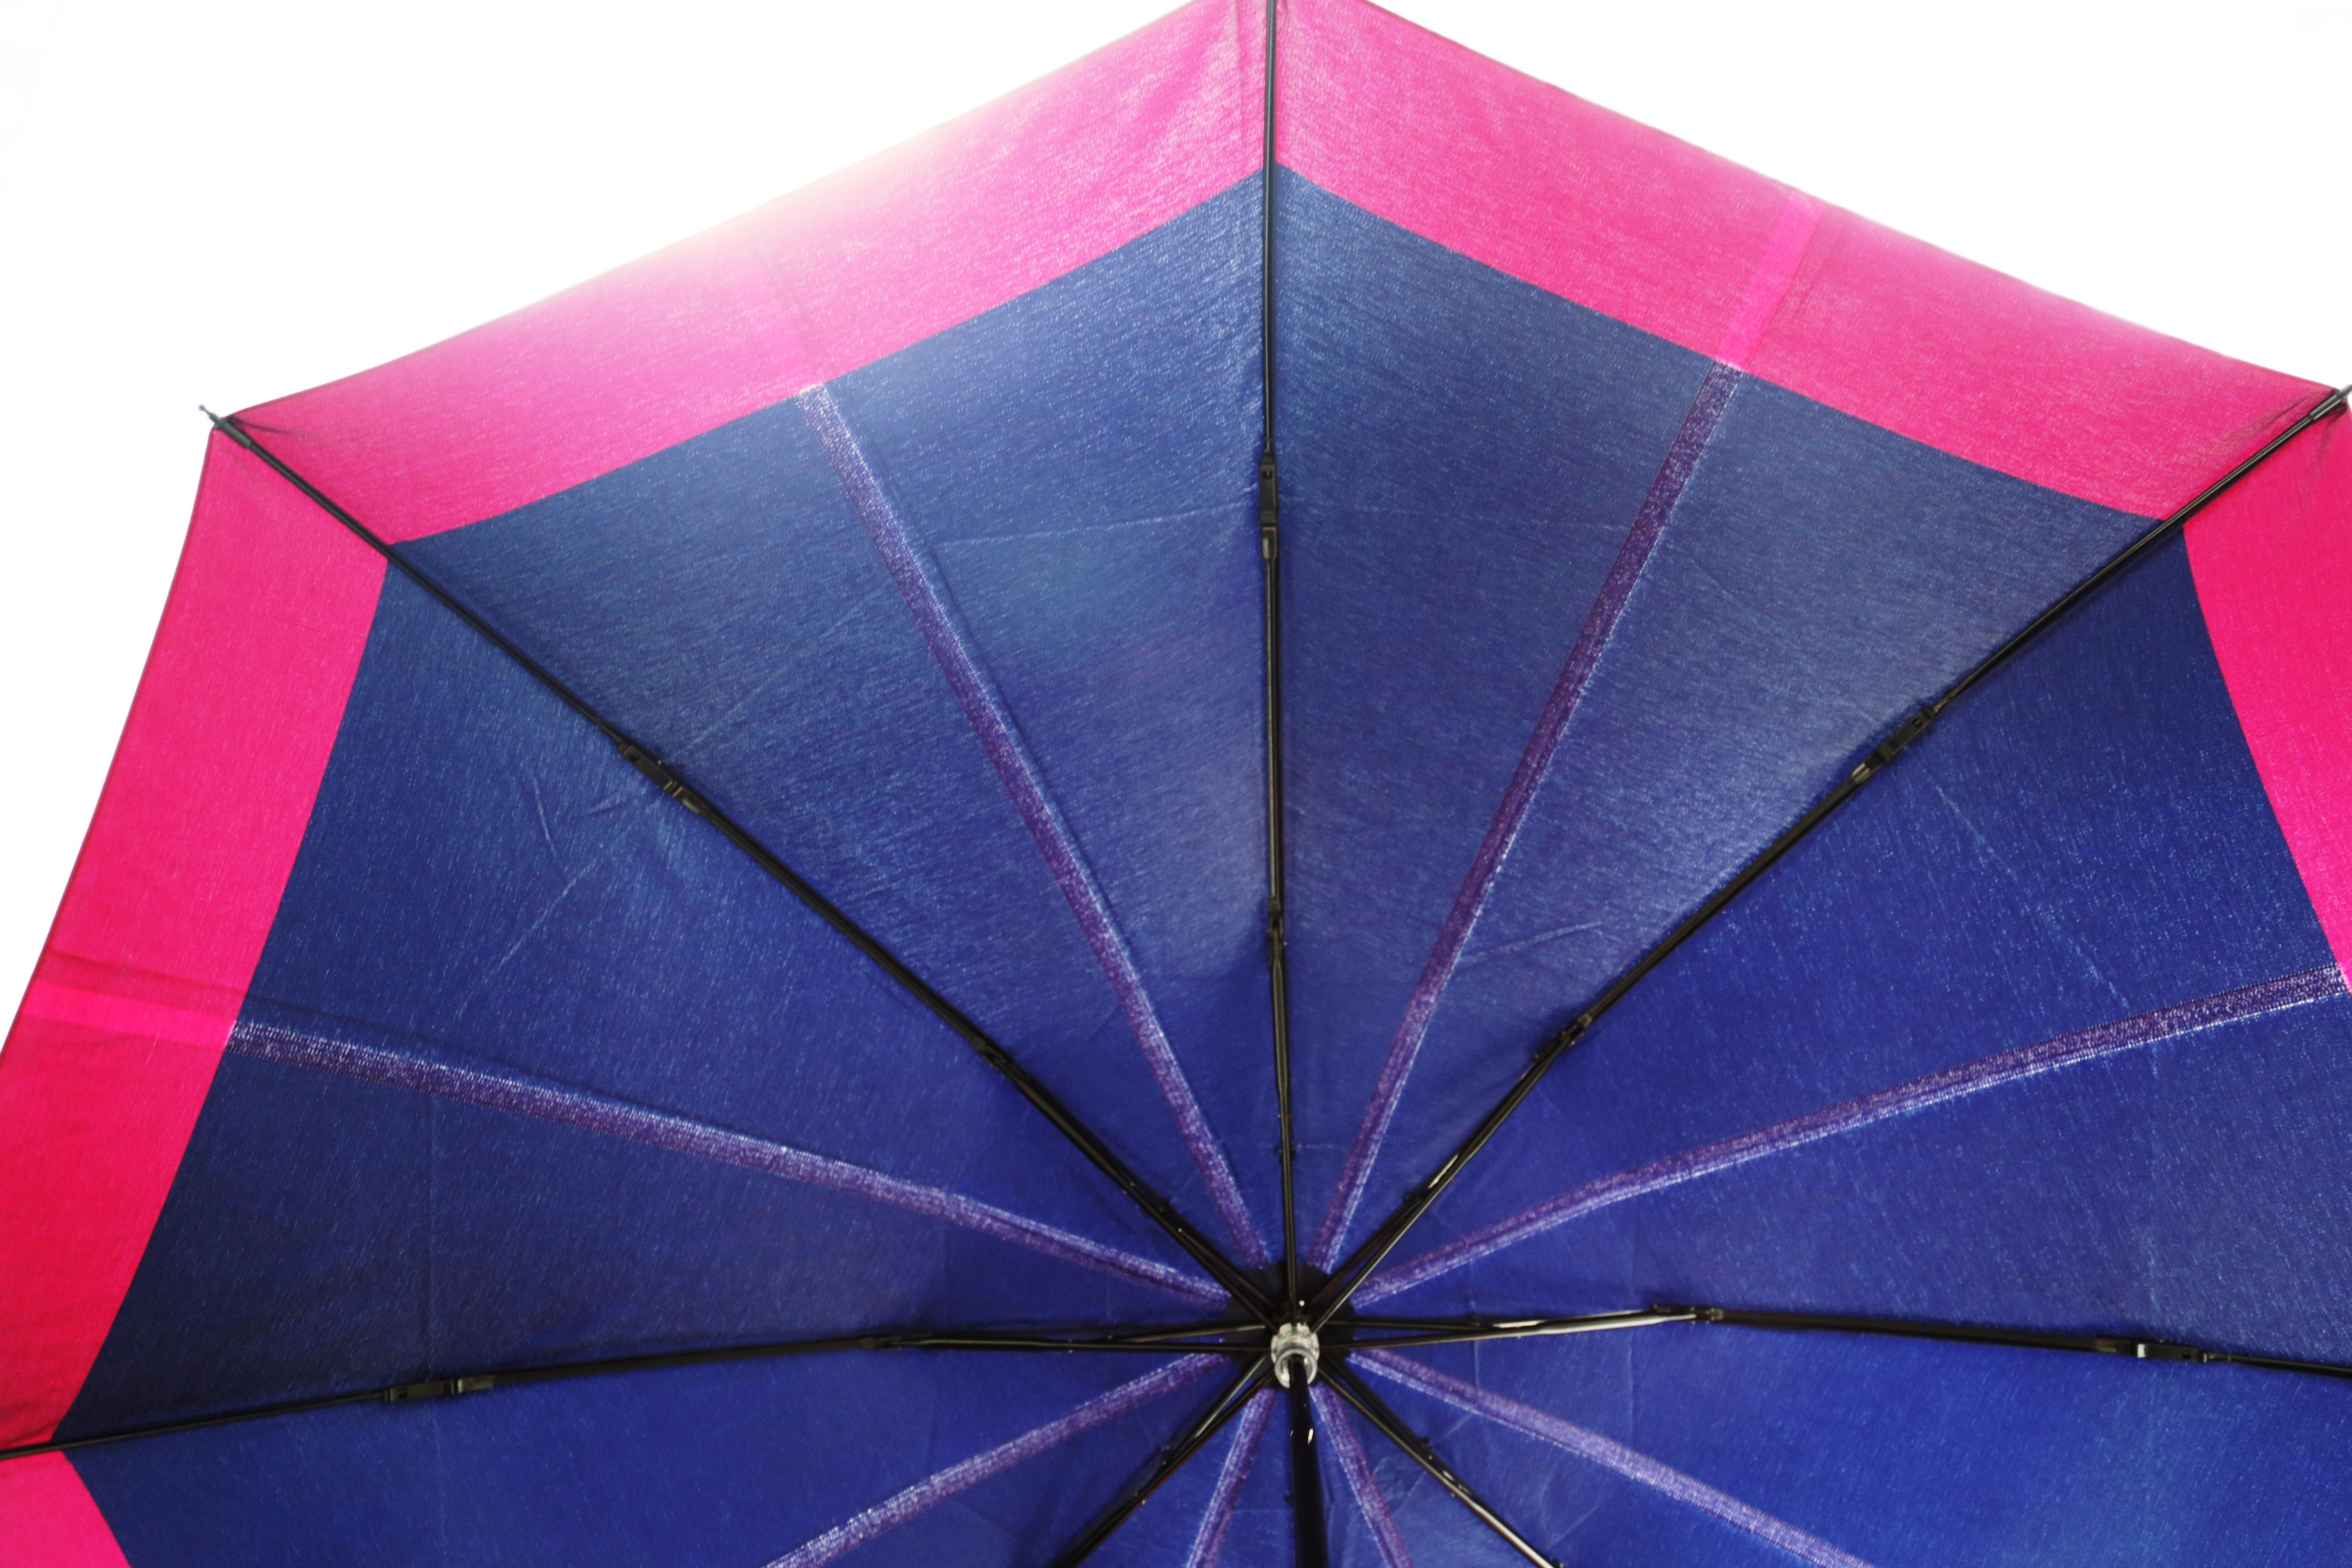 日本甲州朱子織晴雨傘